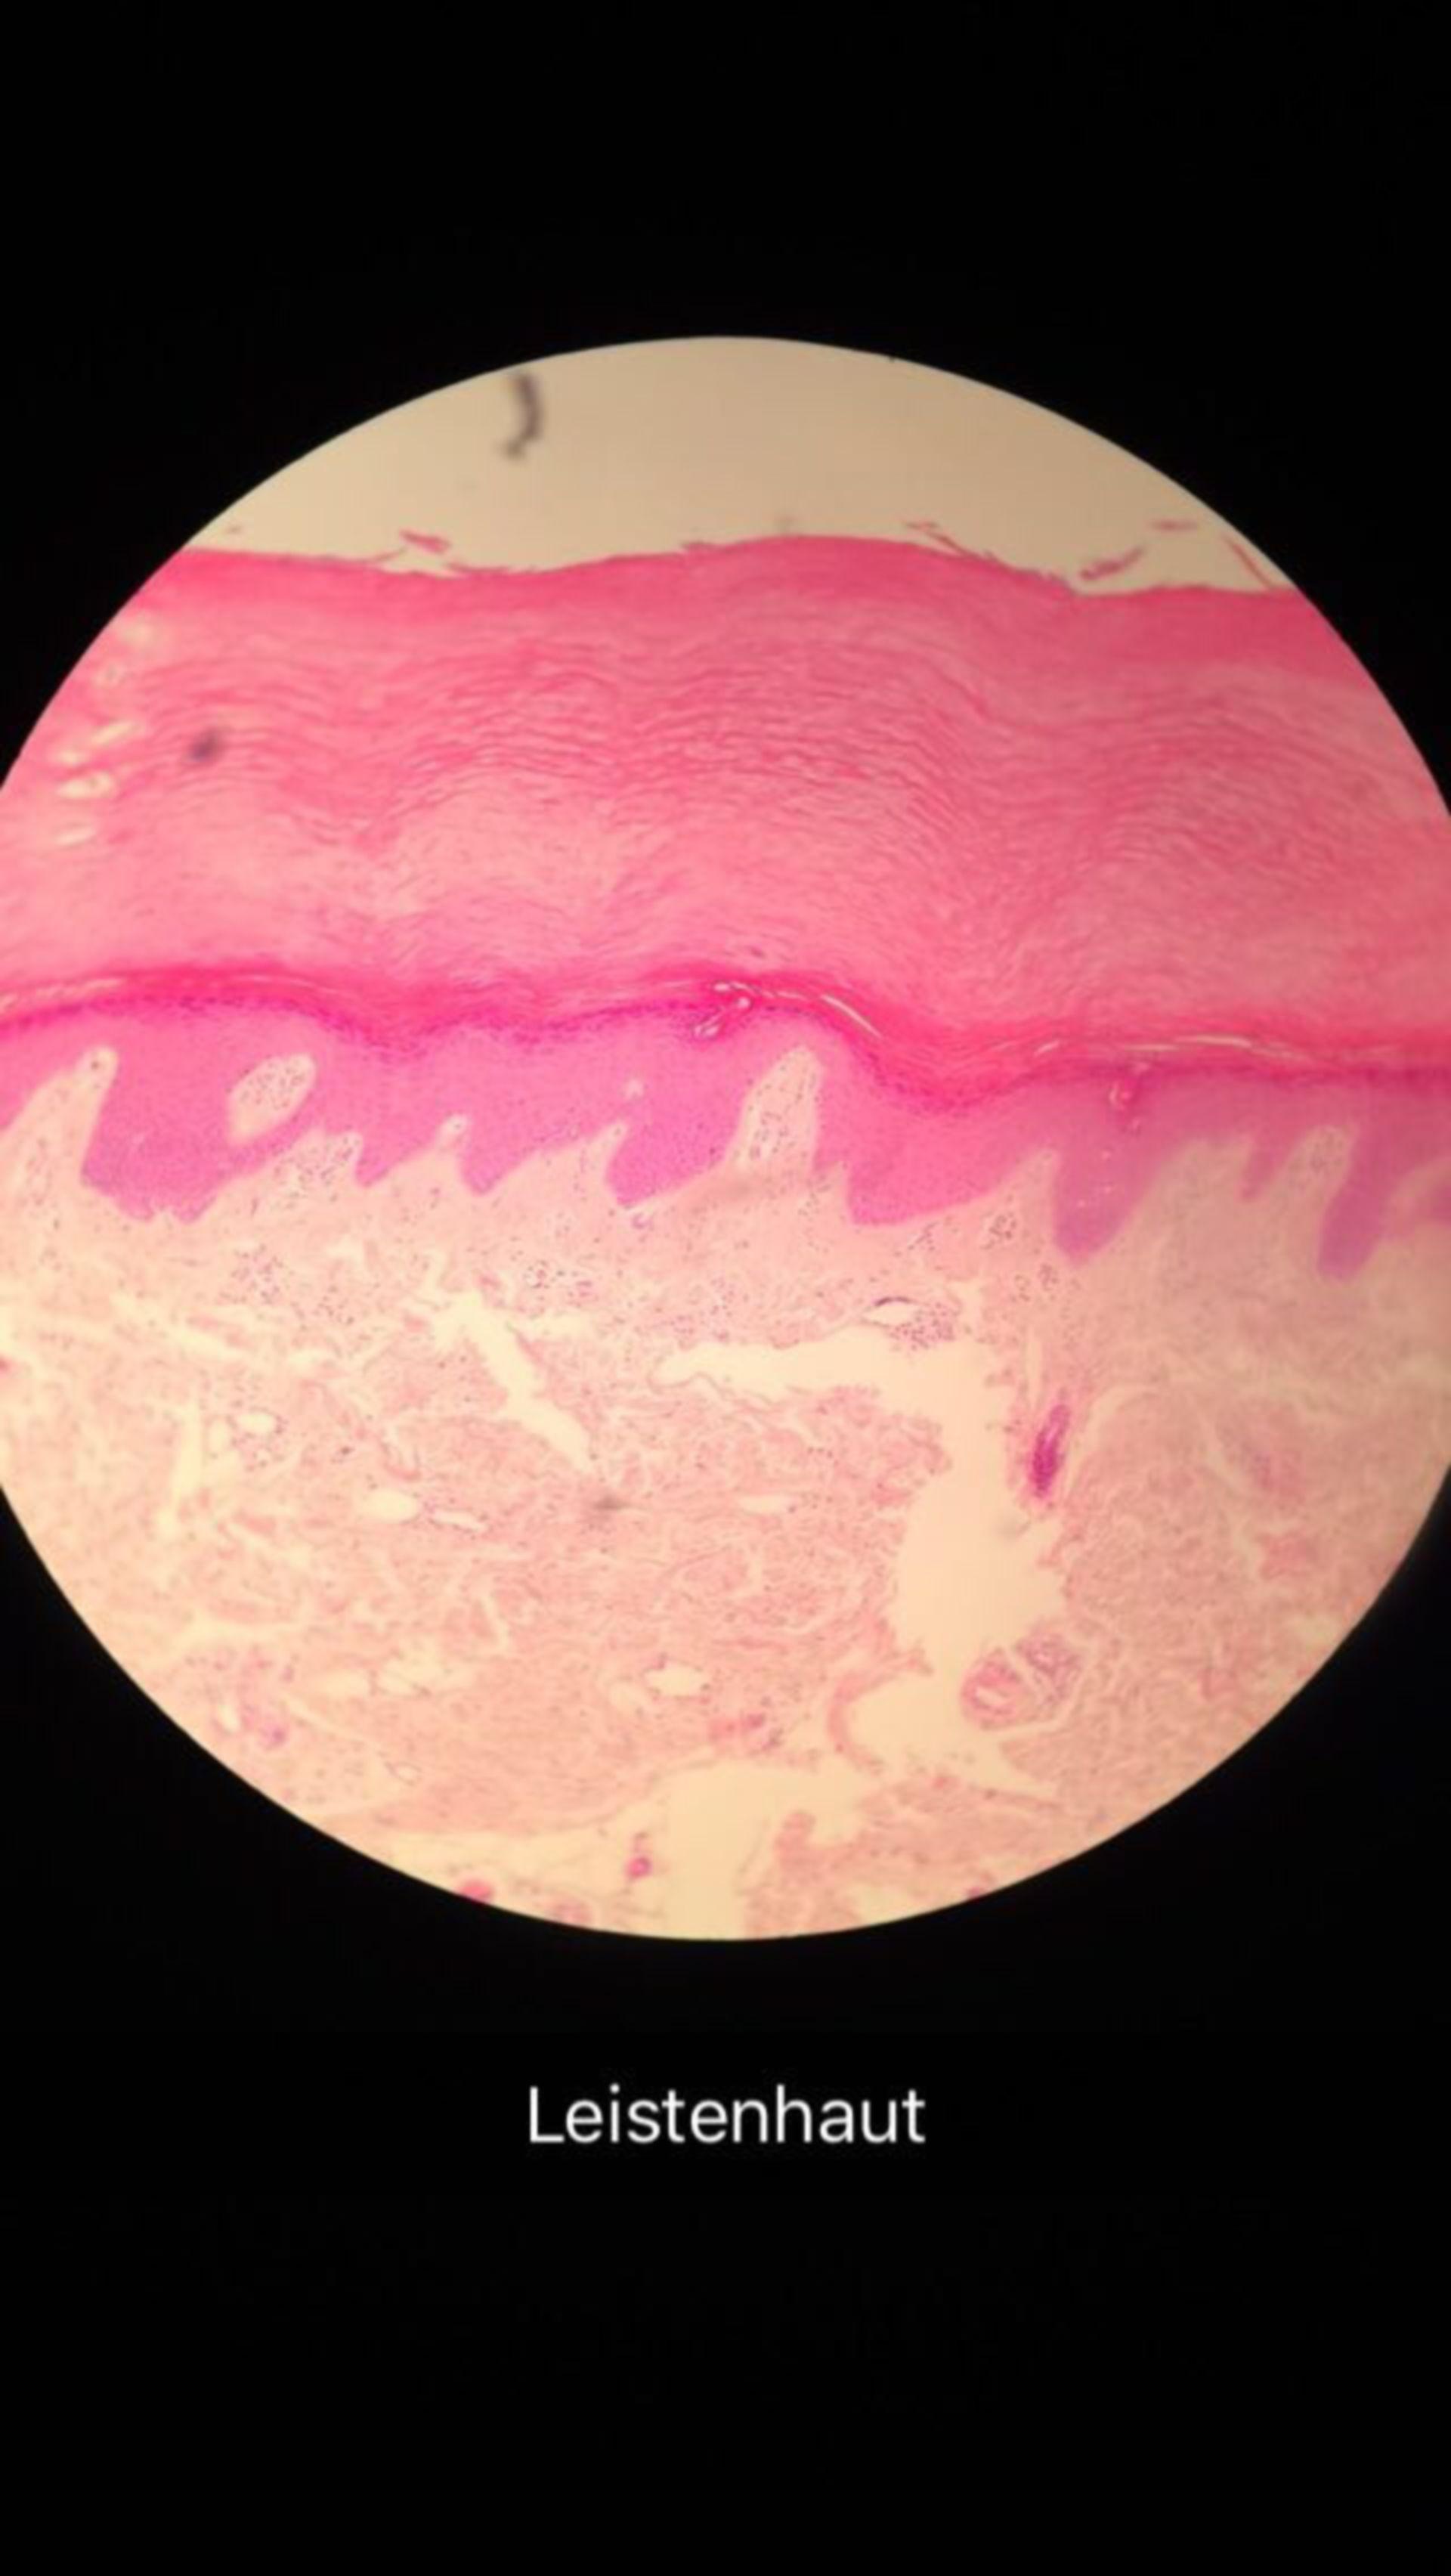 Histologie Leistenhaut HE-Färbung